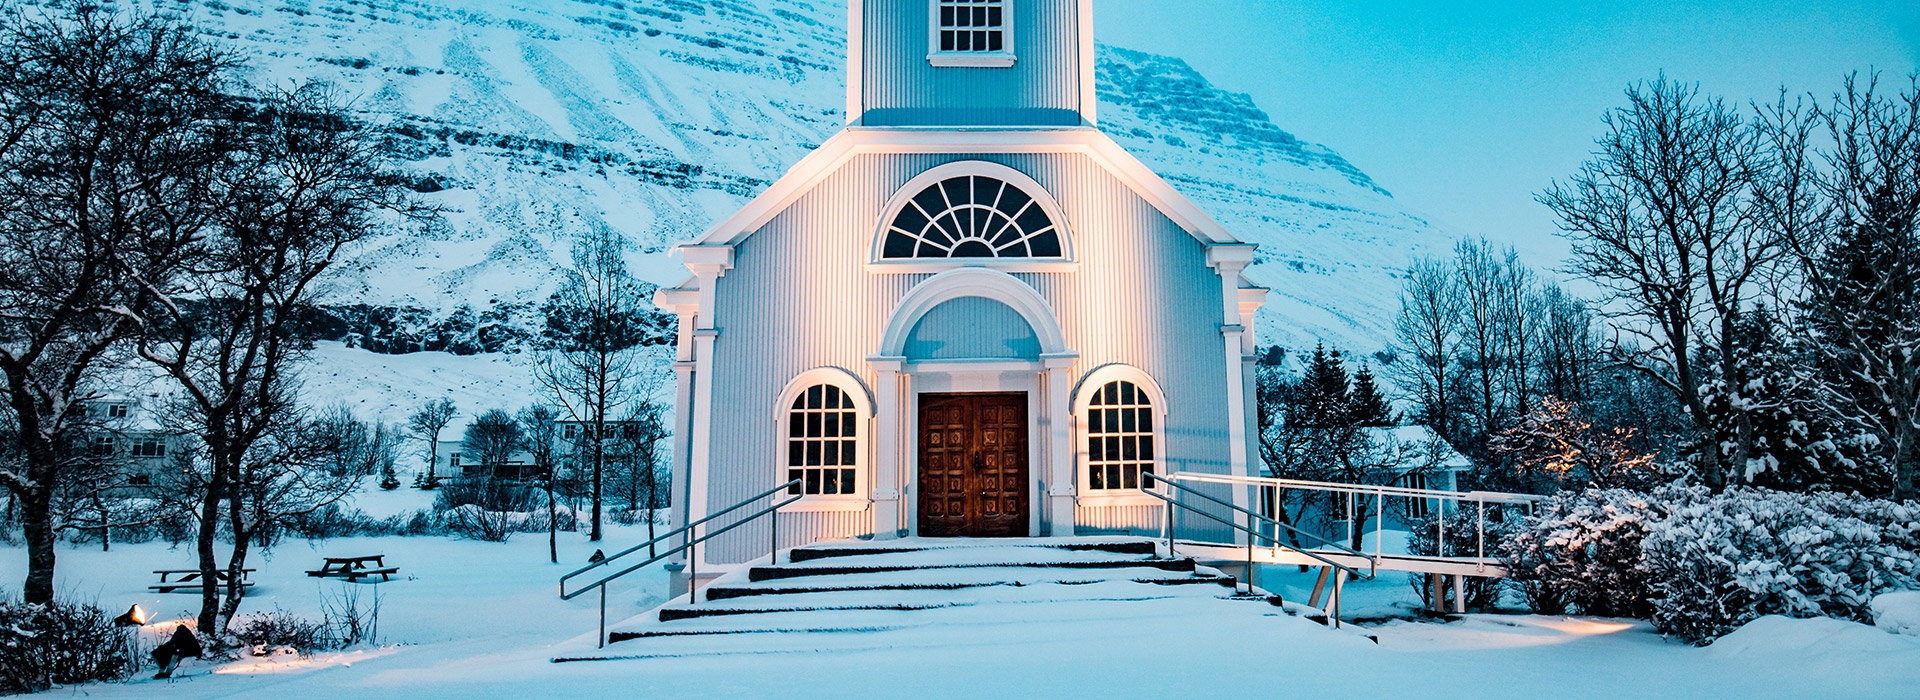 Kyrkor & kapell för begravning